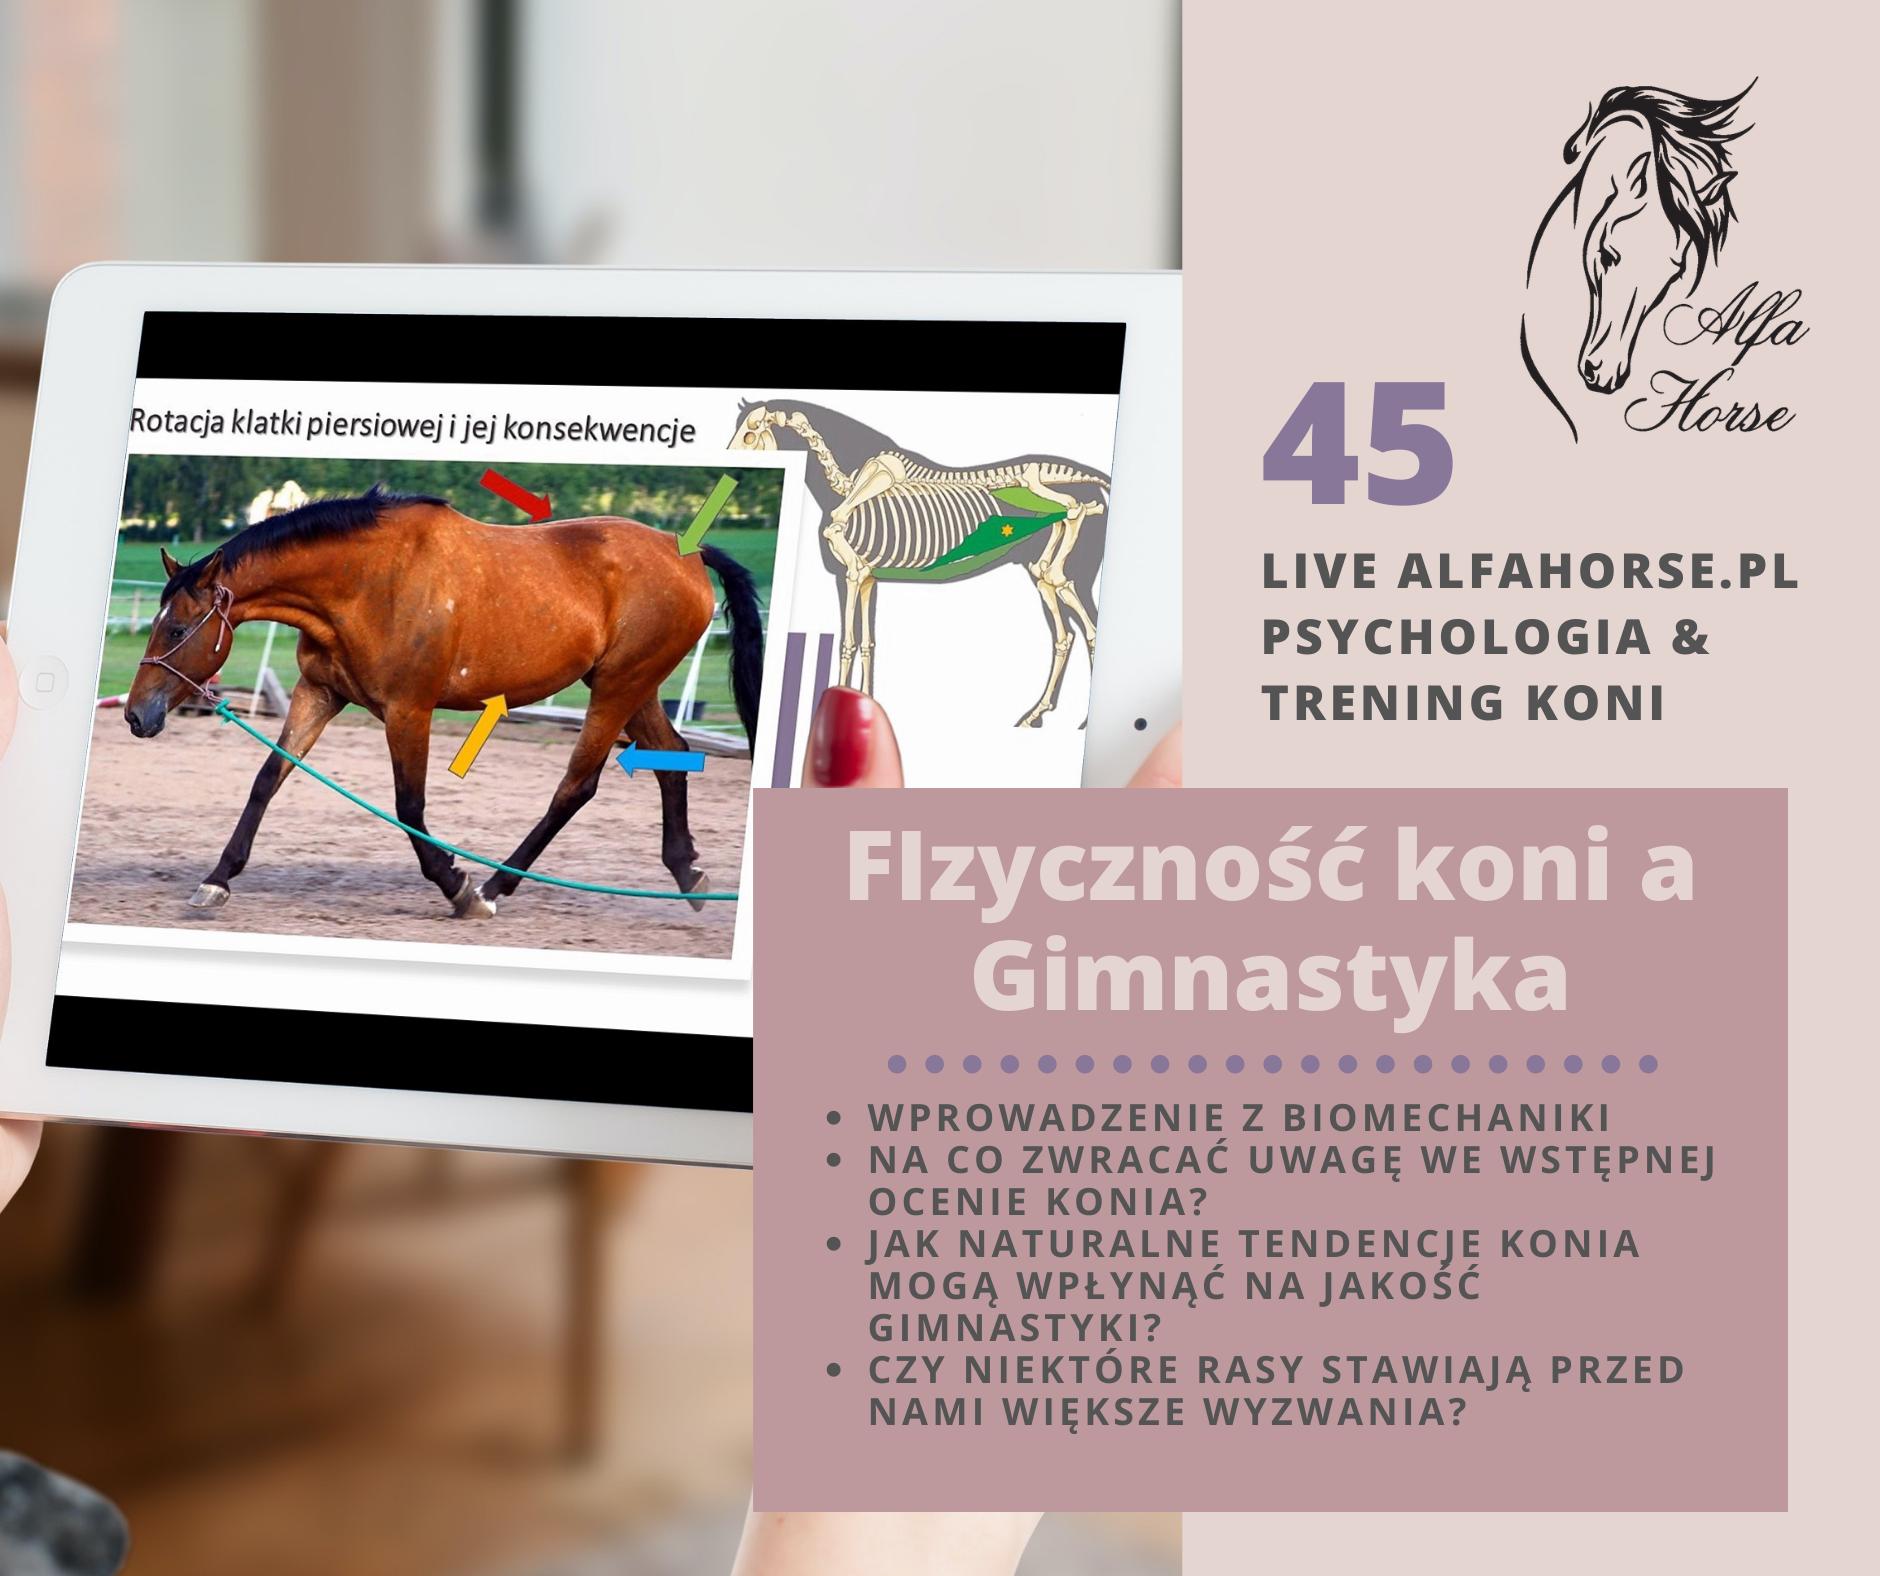 fizycznosc_gimnastyka_konie_trening_alfahorse